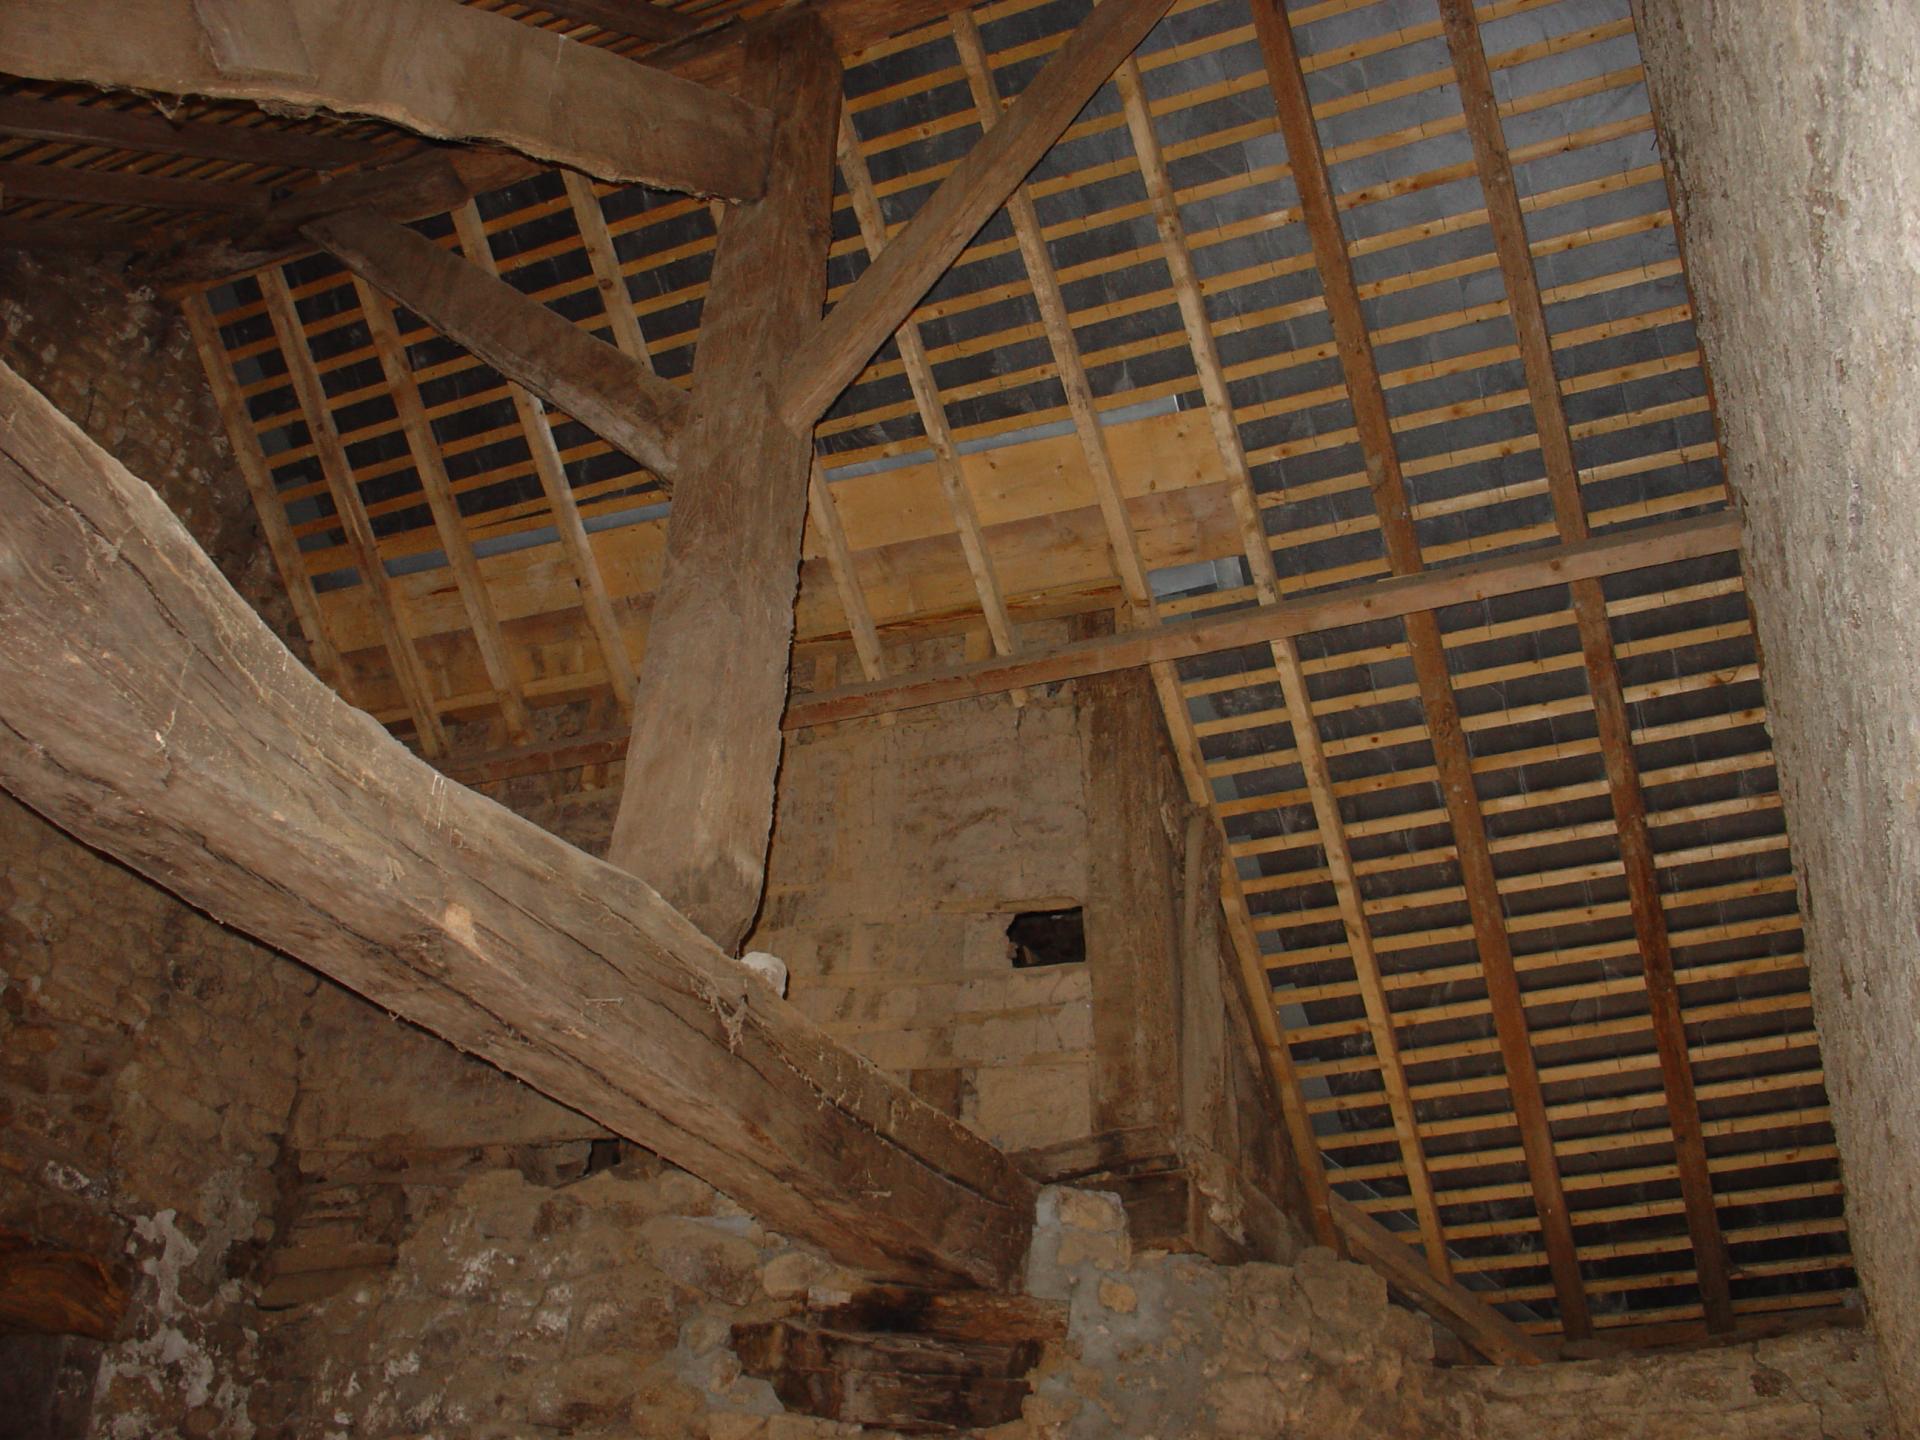 Plafond suspendu prix pied carre troyes cout des travaux - Prix du metre carre de peinture plafond ...